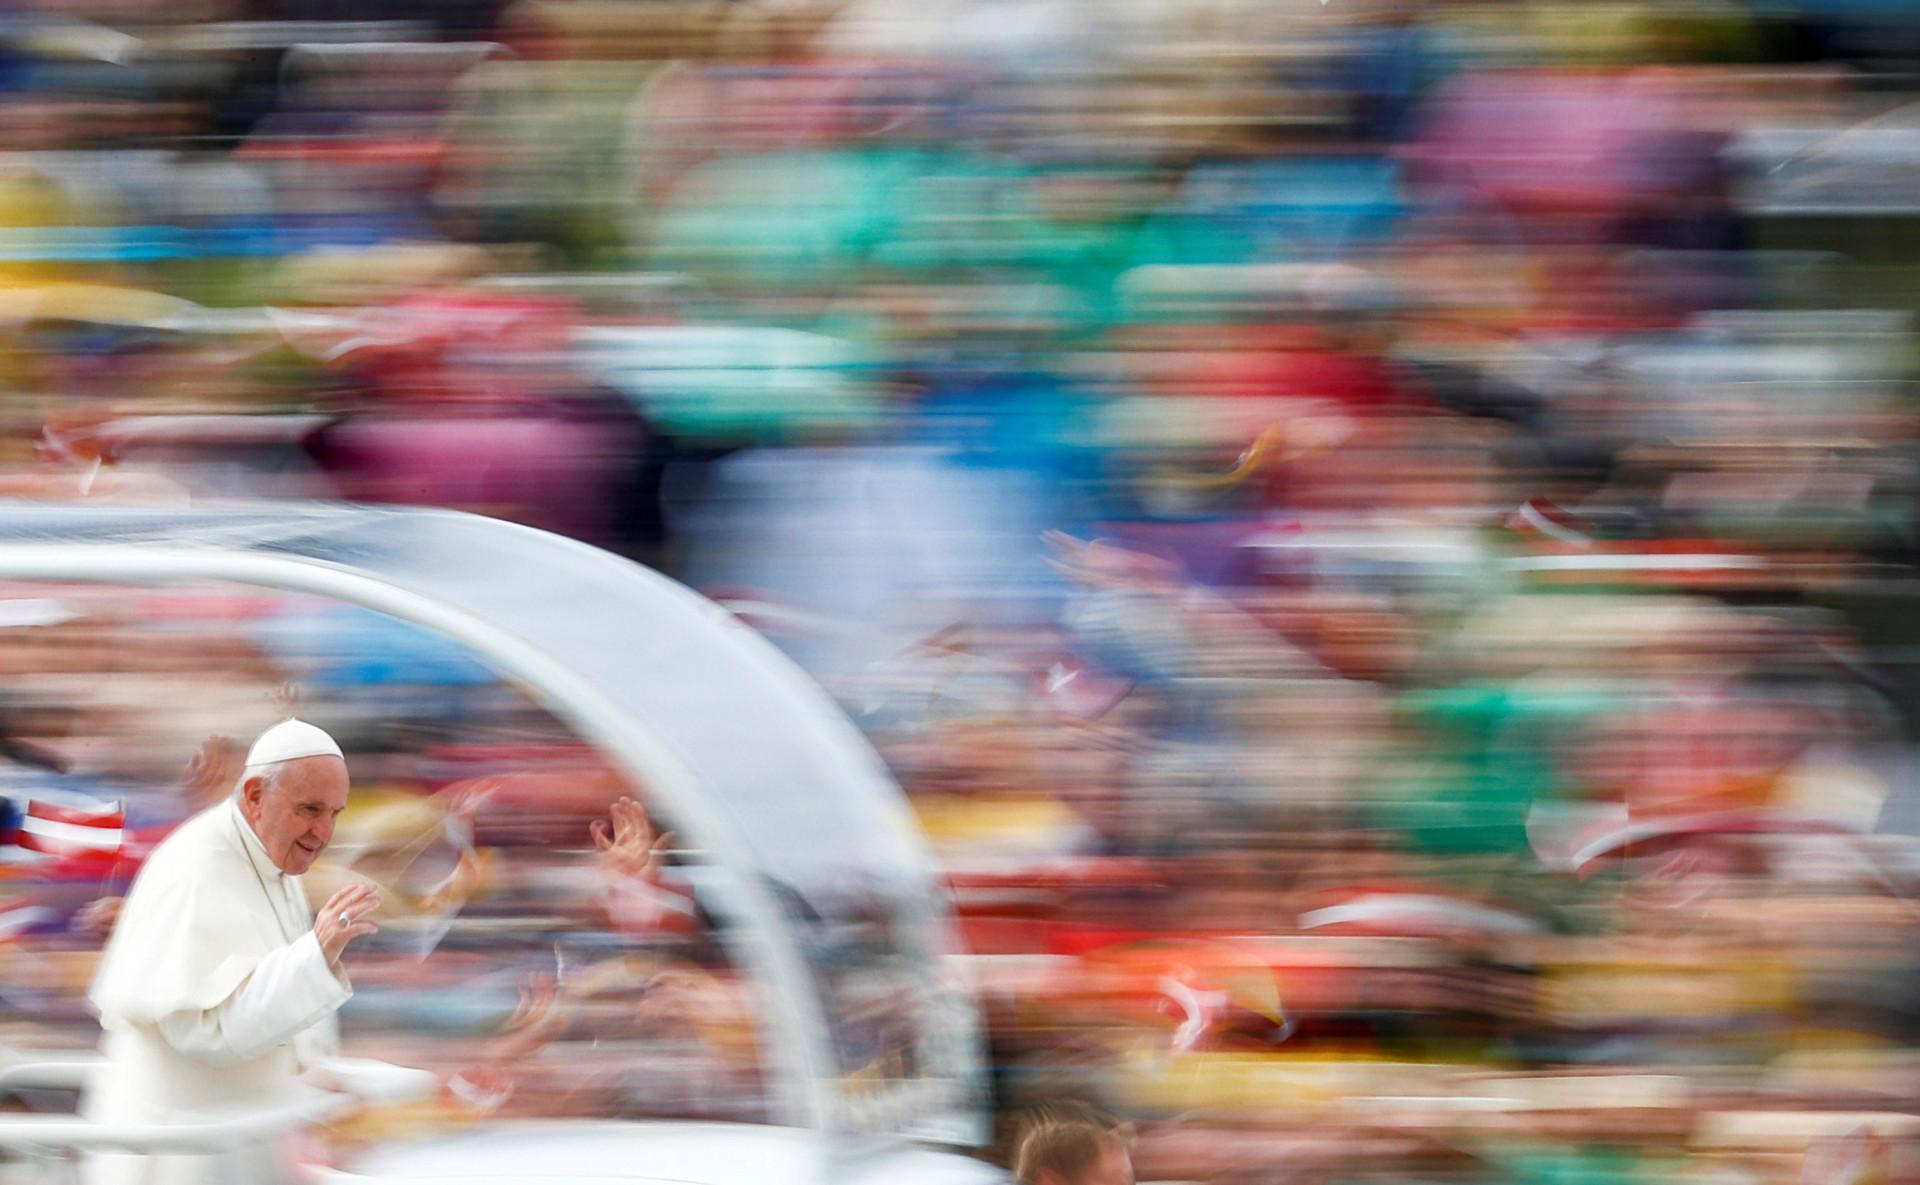 Kuvat rituaaleista, uskonnollisista festivaaleista ja juhlallisuuksista ympäri maailmaa